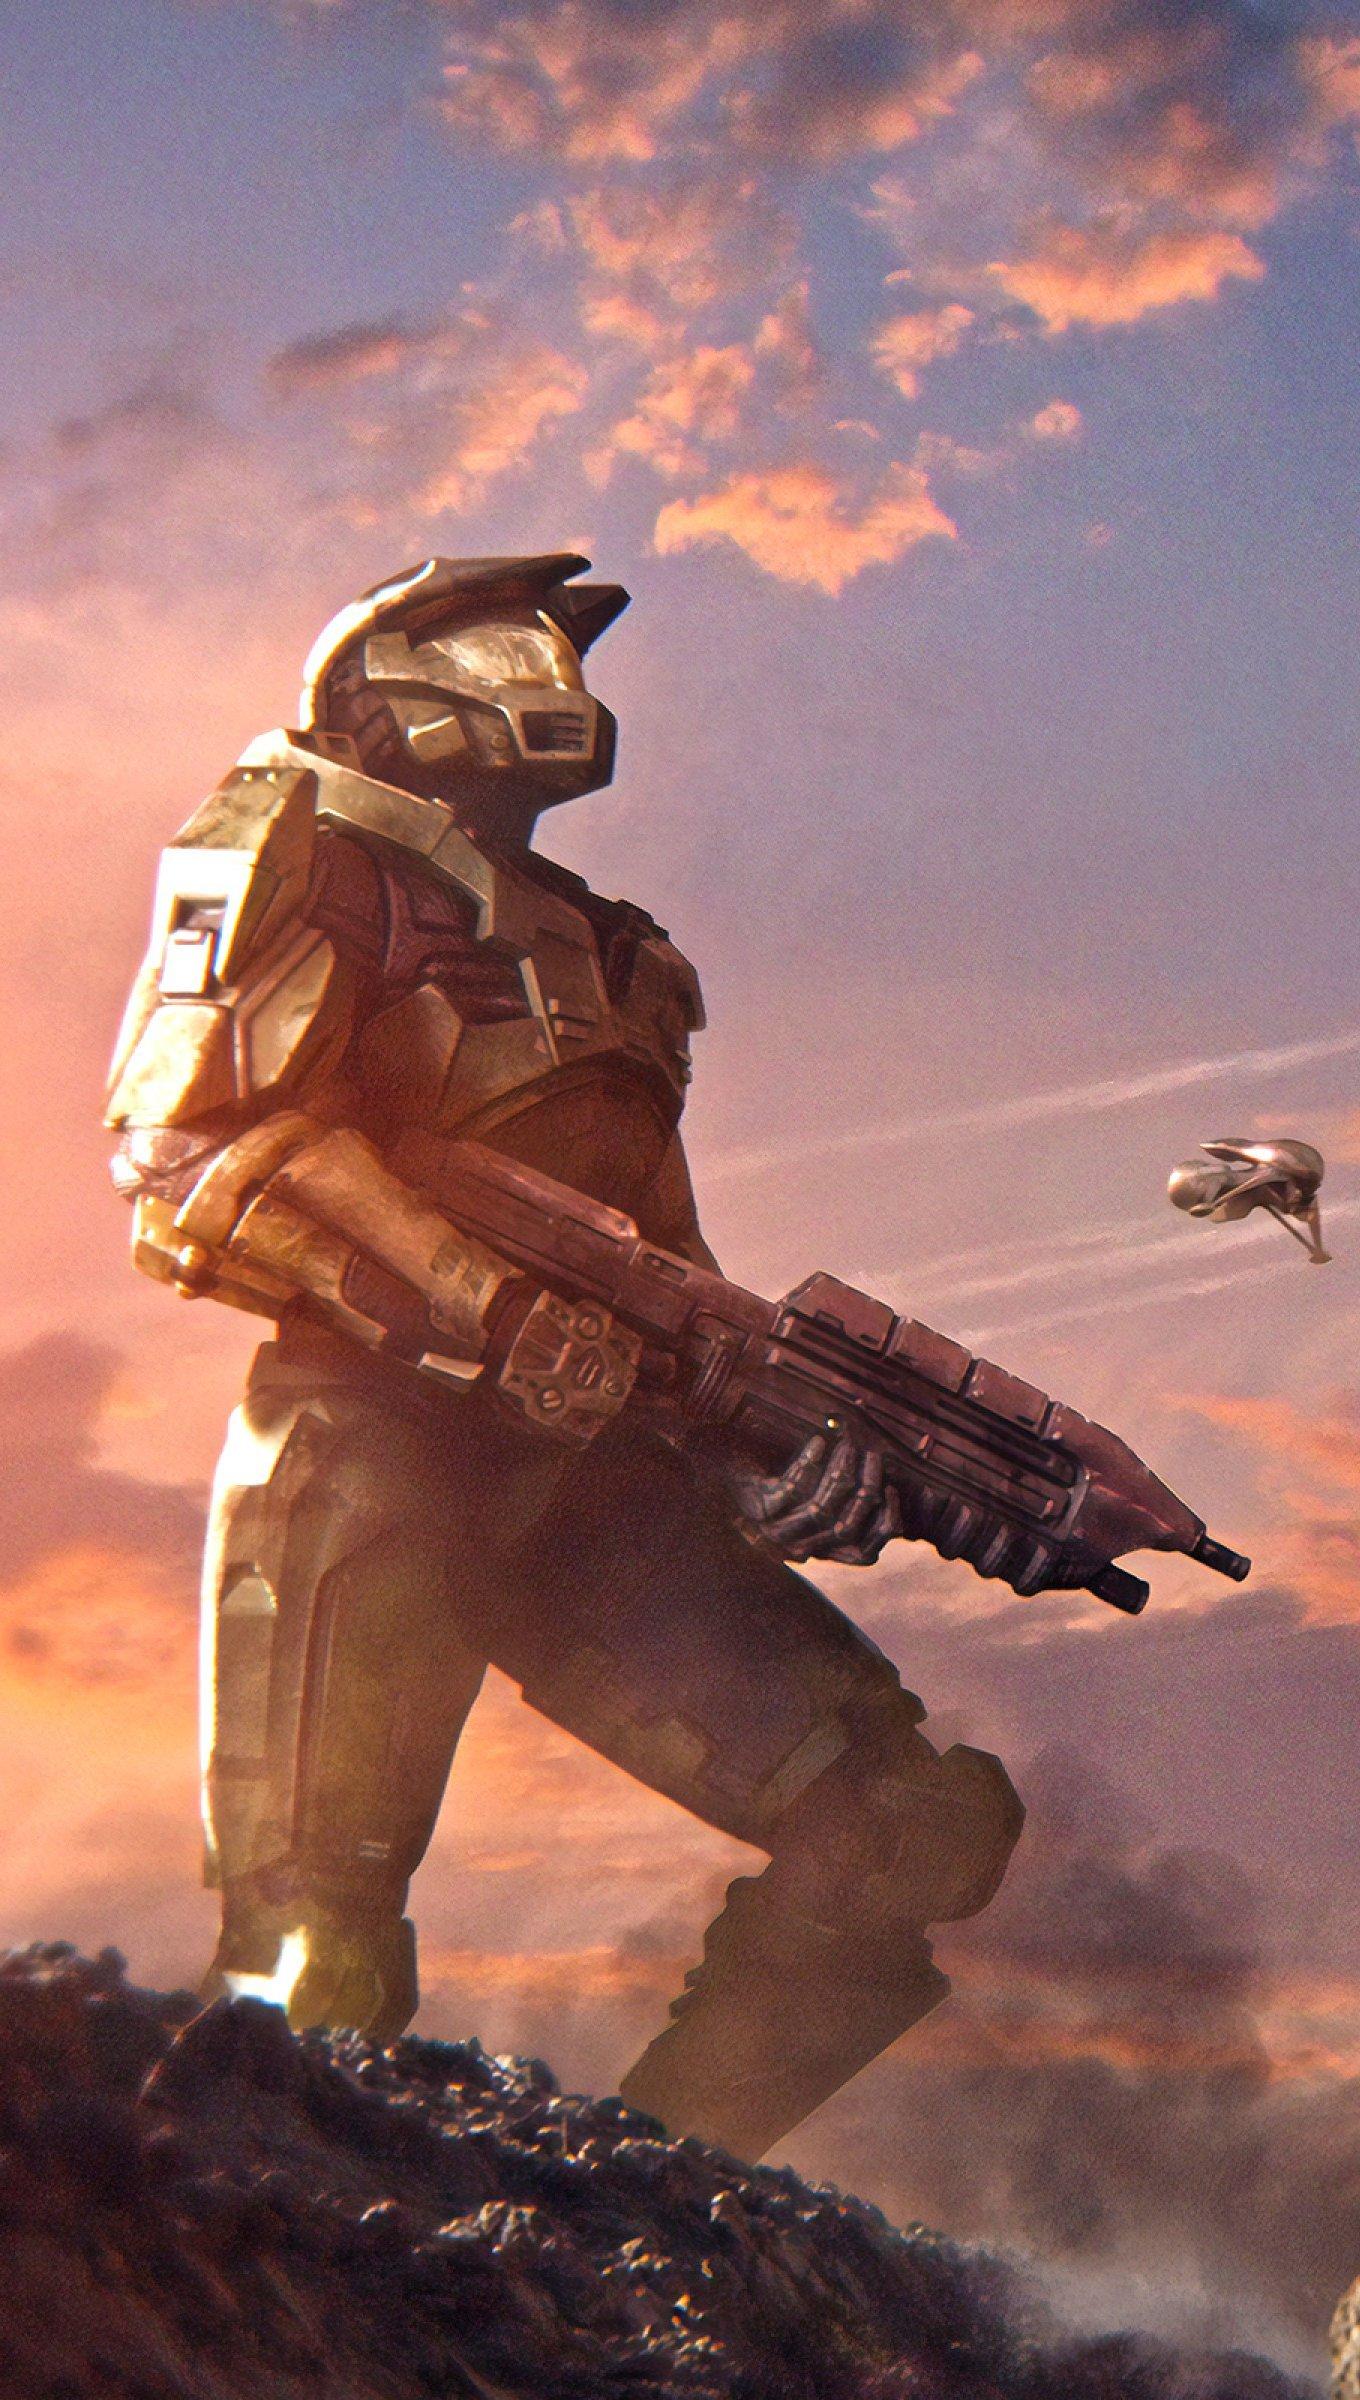 Fondos de pantalla Halo Battle For Alpha Vertical